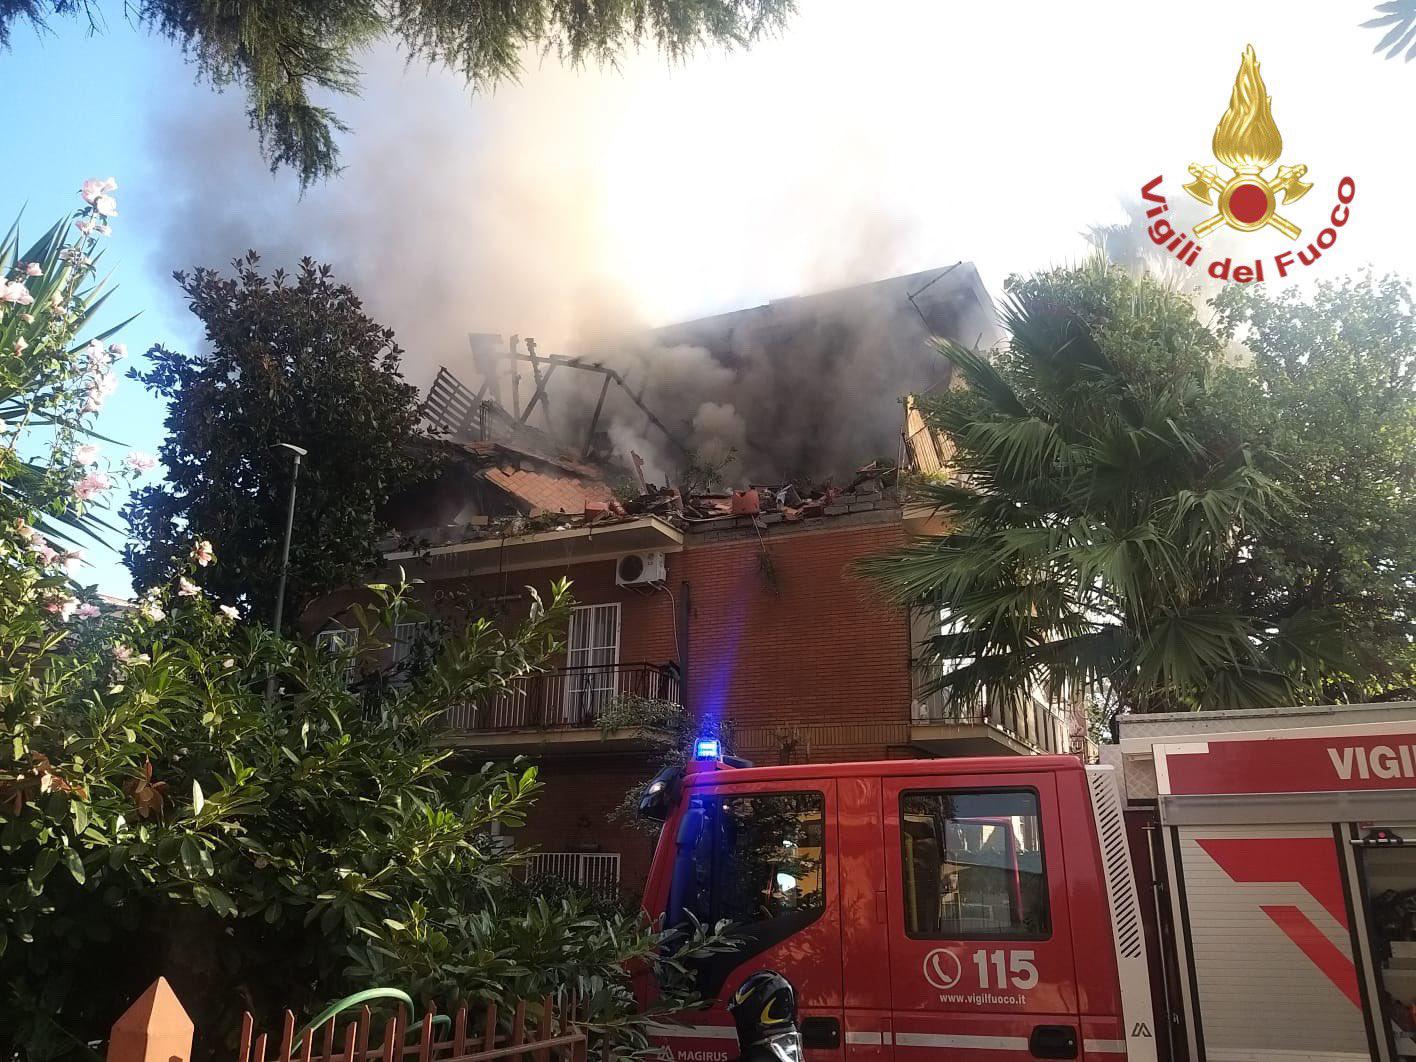 Έκρηξη σε πολυκατοικία στη Ρώμη με 3 τραυματίες: «Άναψα τσιγάρο και τινάχτηκαν όλα στον αέρα»